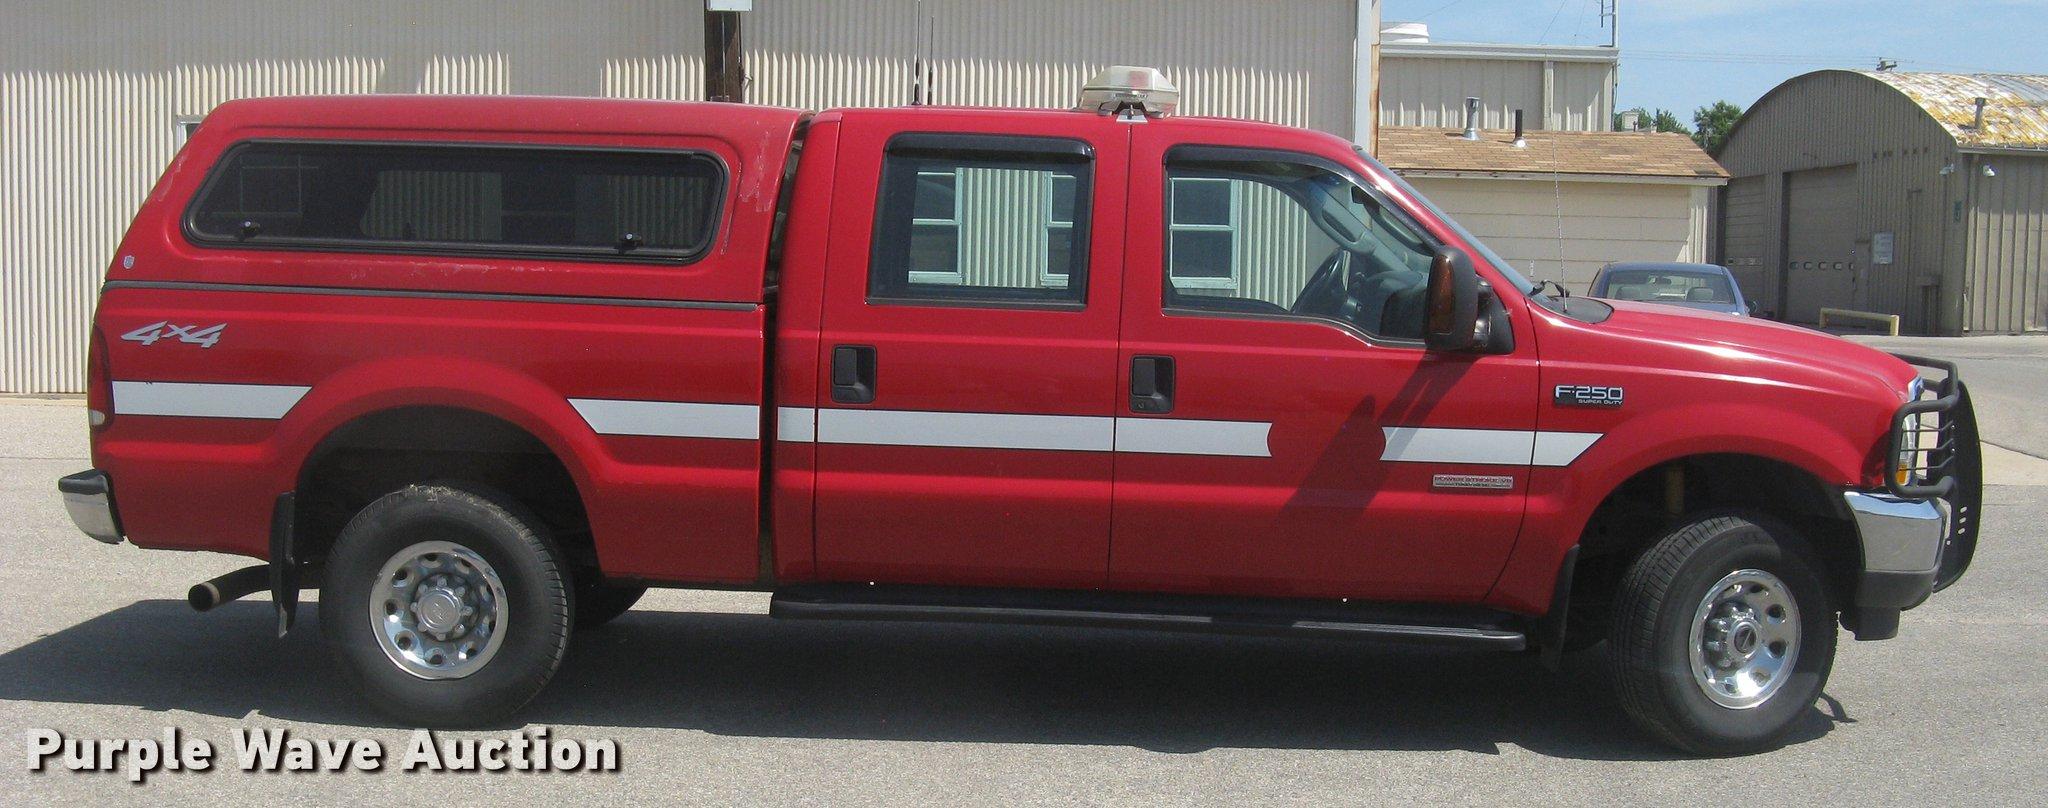 2004 Ford F250 Super Duty Xlt Crew Cab Pickup Truck Item B F 250 Full Size In New Window